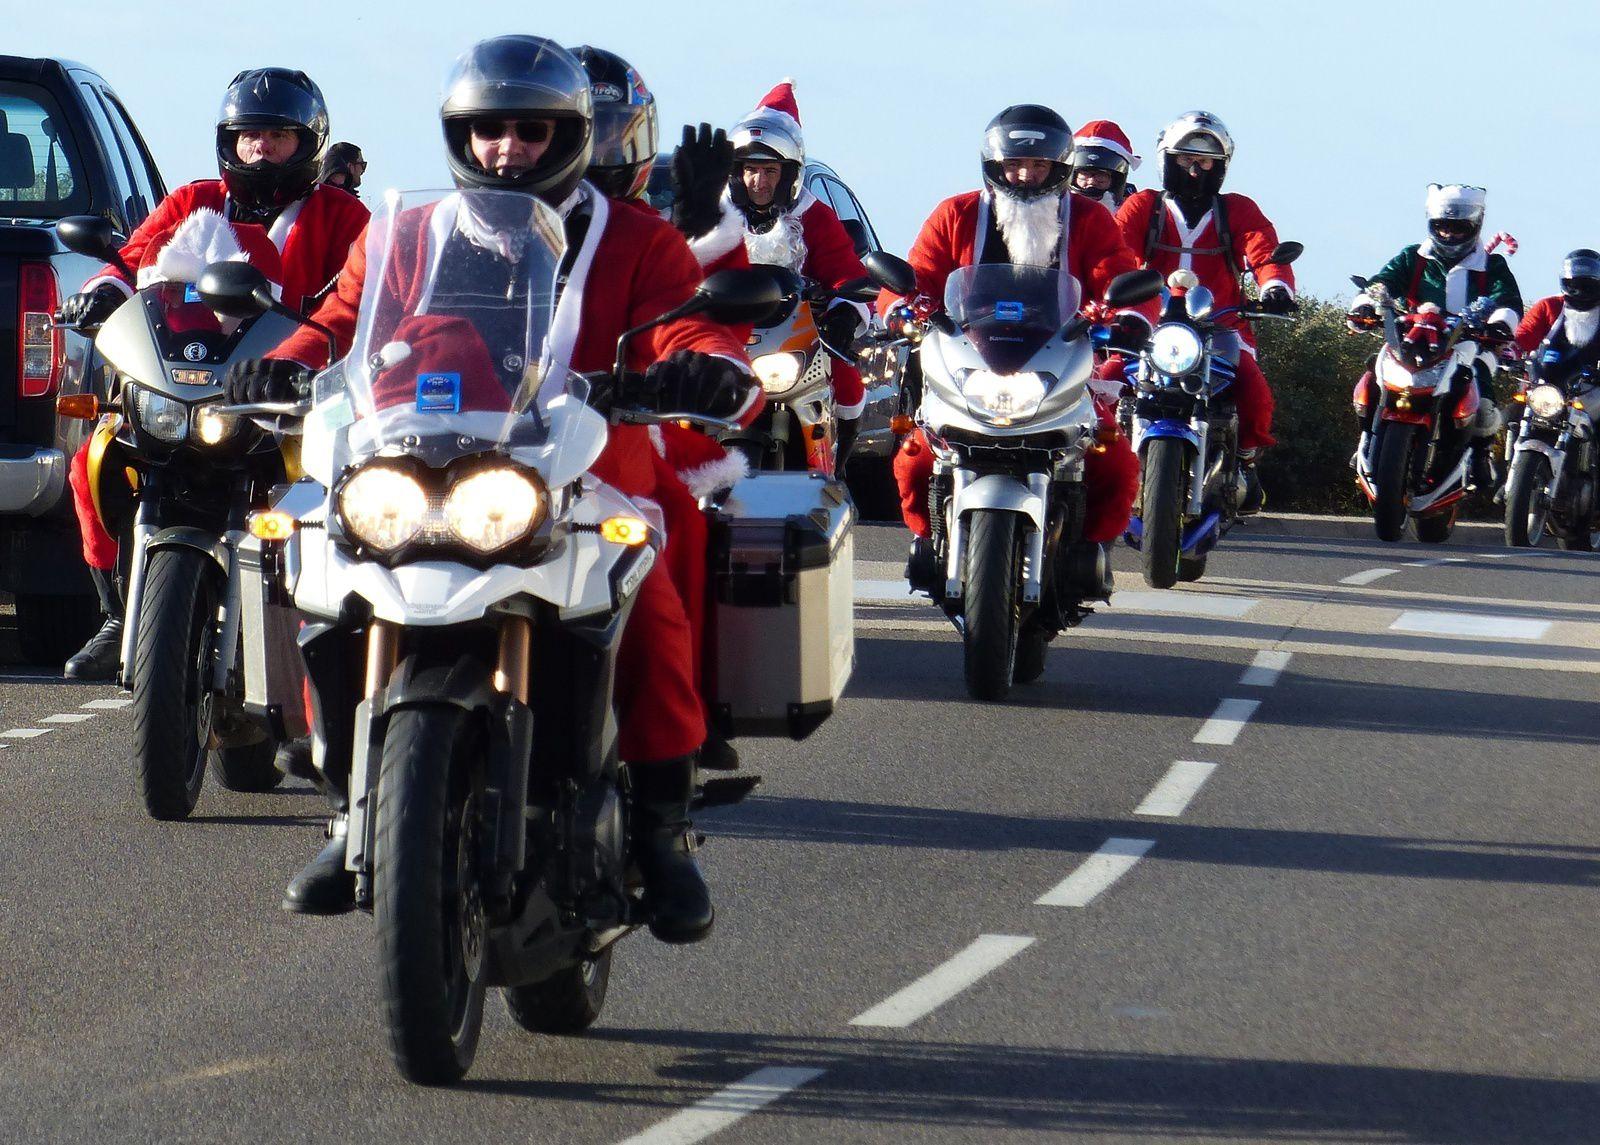 Photos Martine : Balade des père Noël 2017 aux Sables d'Olonne